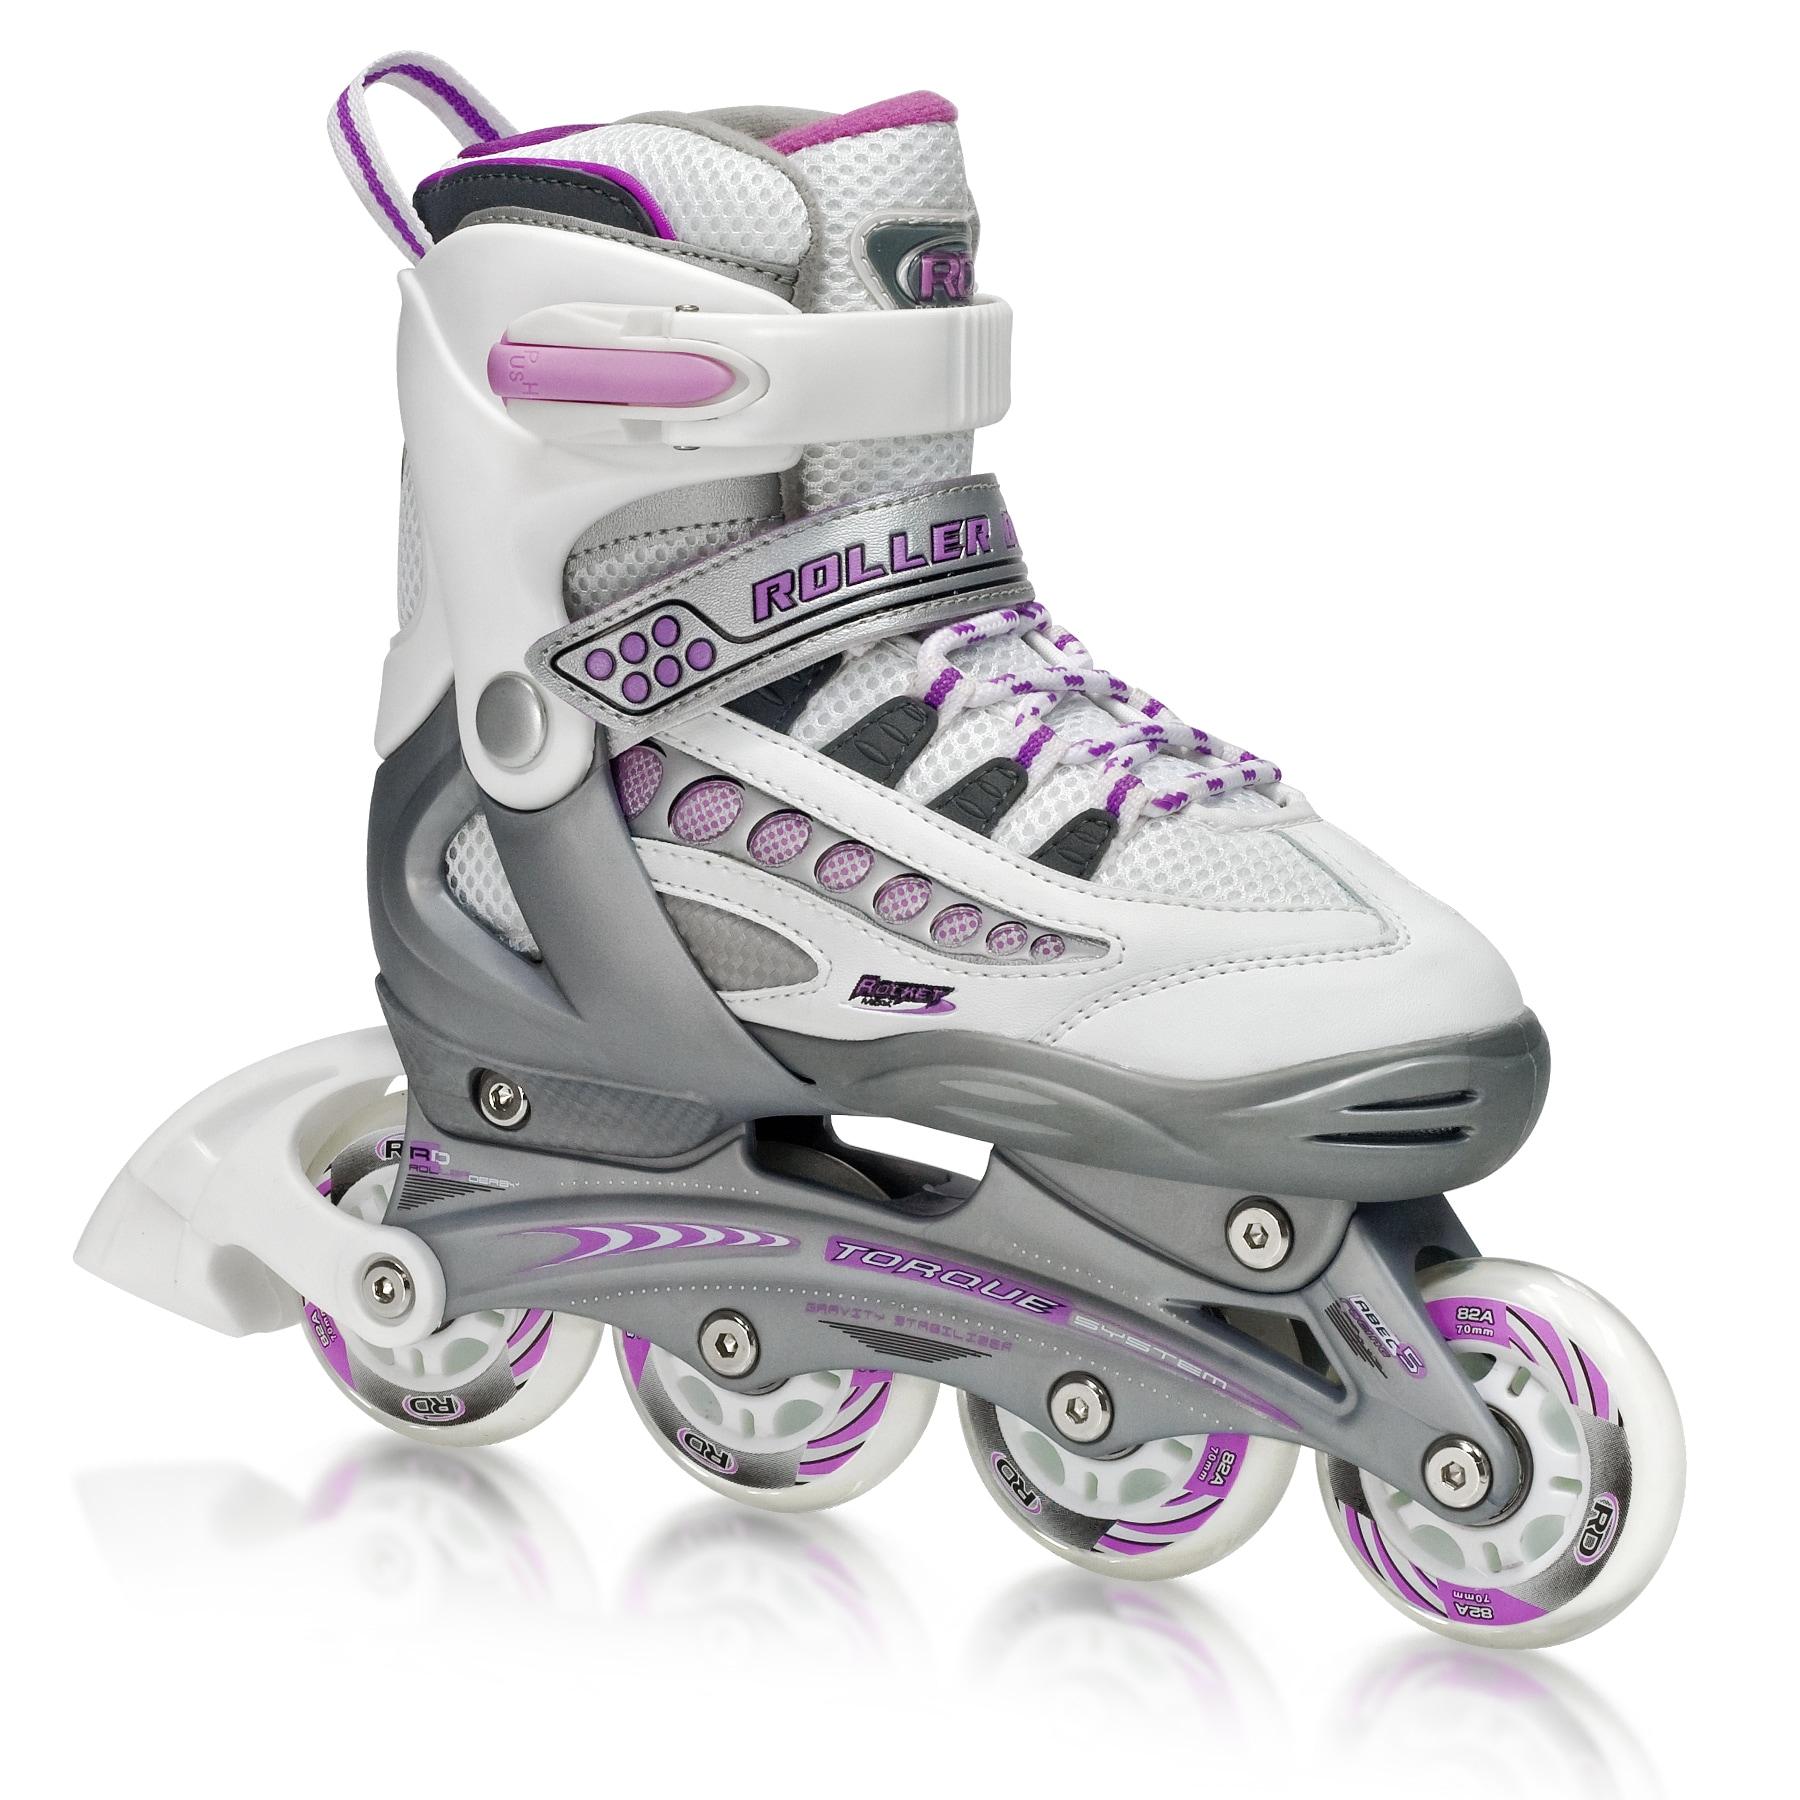 Rocket MDX Girl's Adjustable Inline Skates